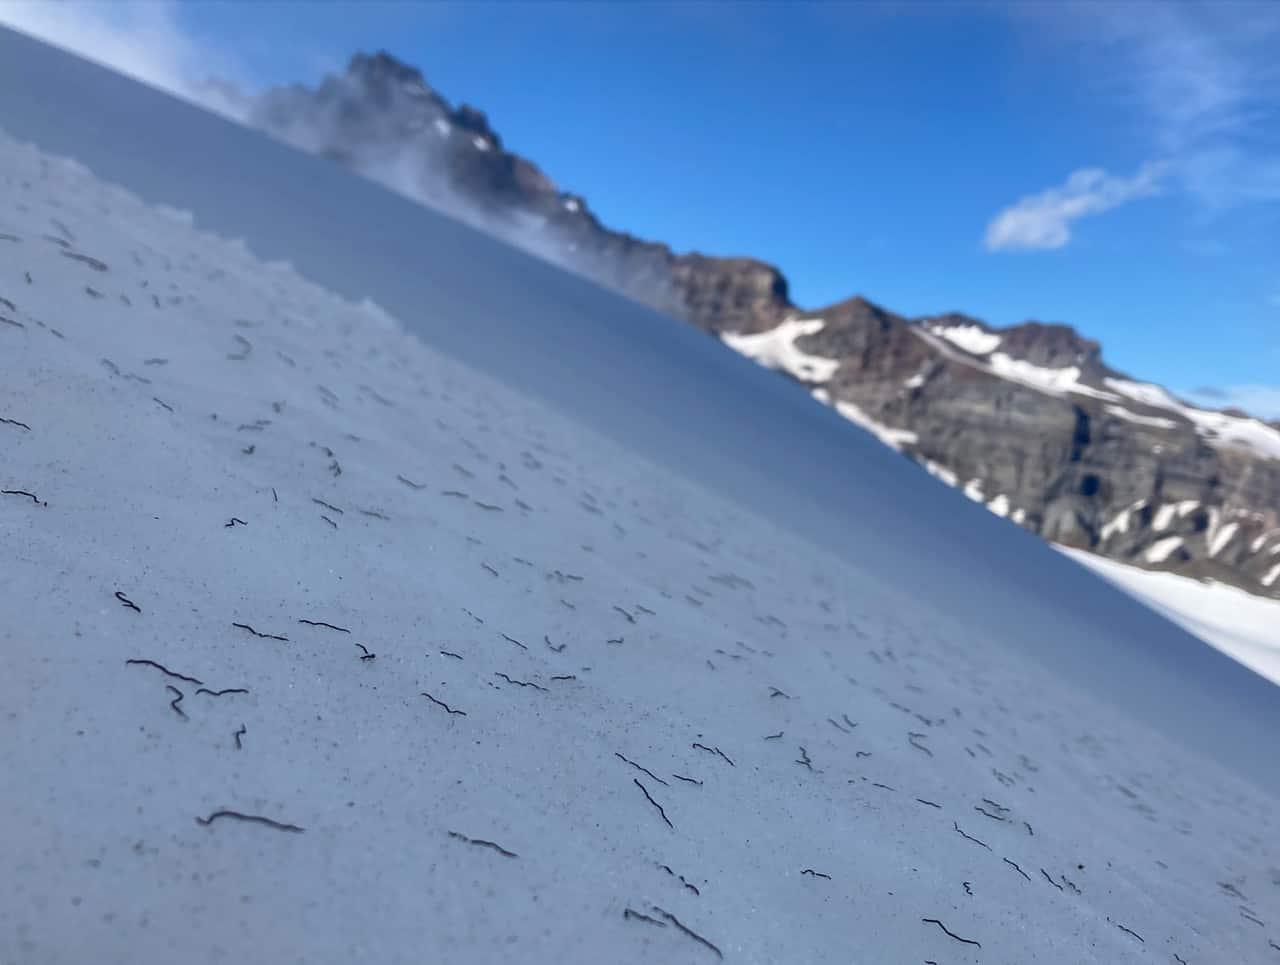 vermi di ghiaccio - Invasione di vermi di ghiaccio nel Nord America, cosa sono